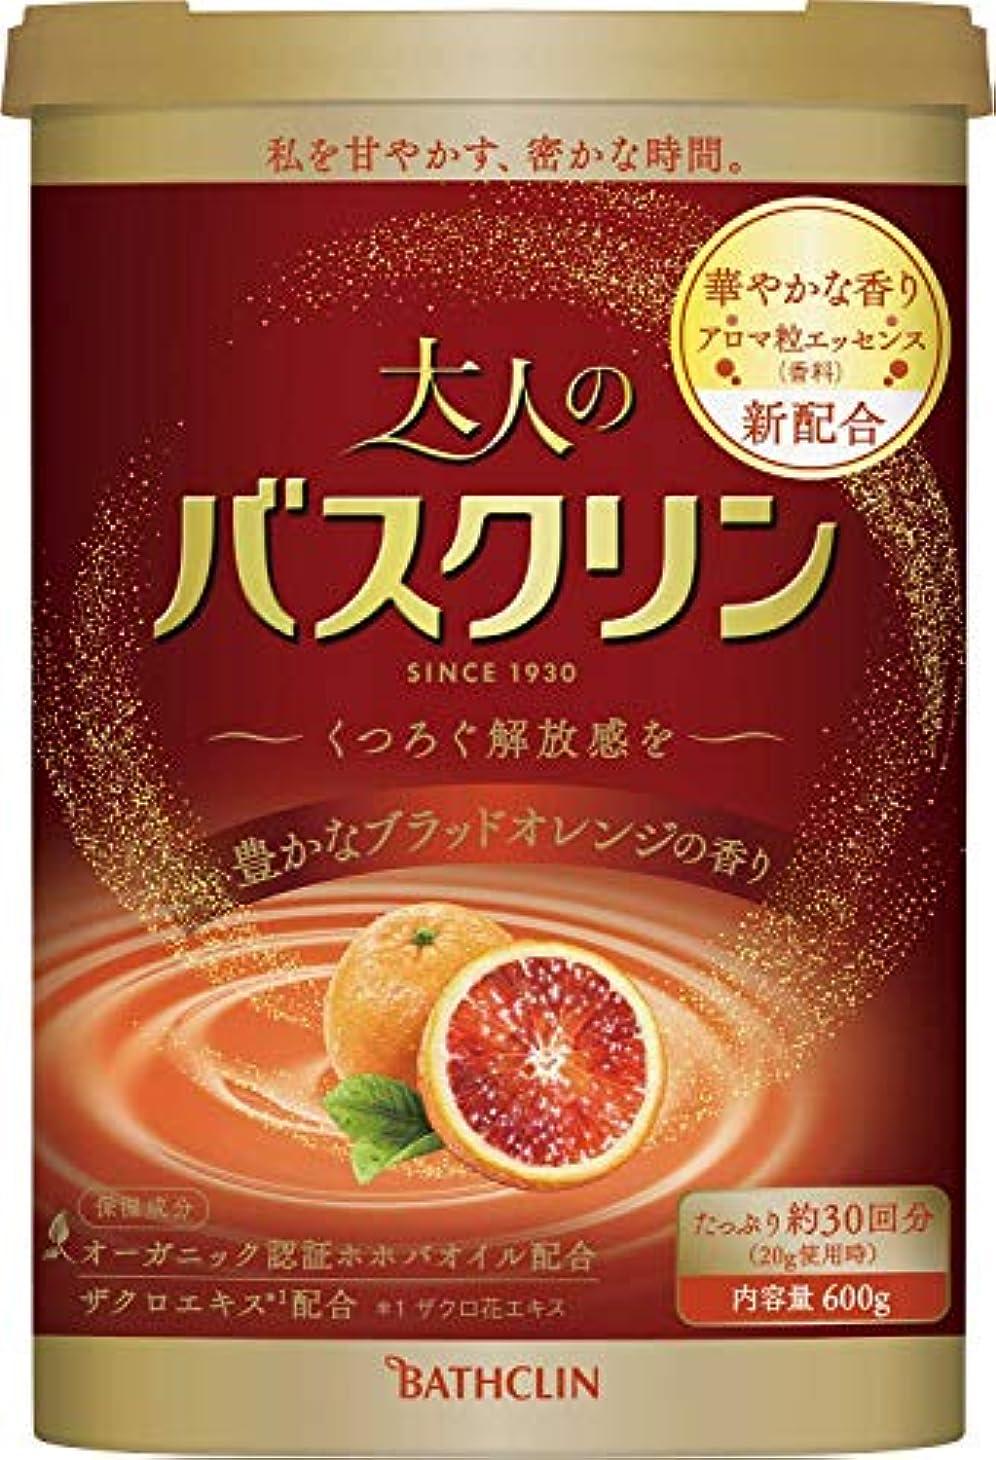 望ましい制約ポーチ大人のバスクリン入浴剤 豊かなブラッドオレンジの香り600g(約30回分) リラックス にごりタイプ